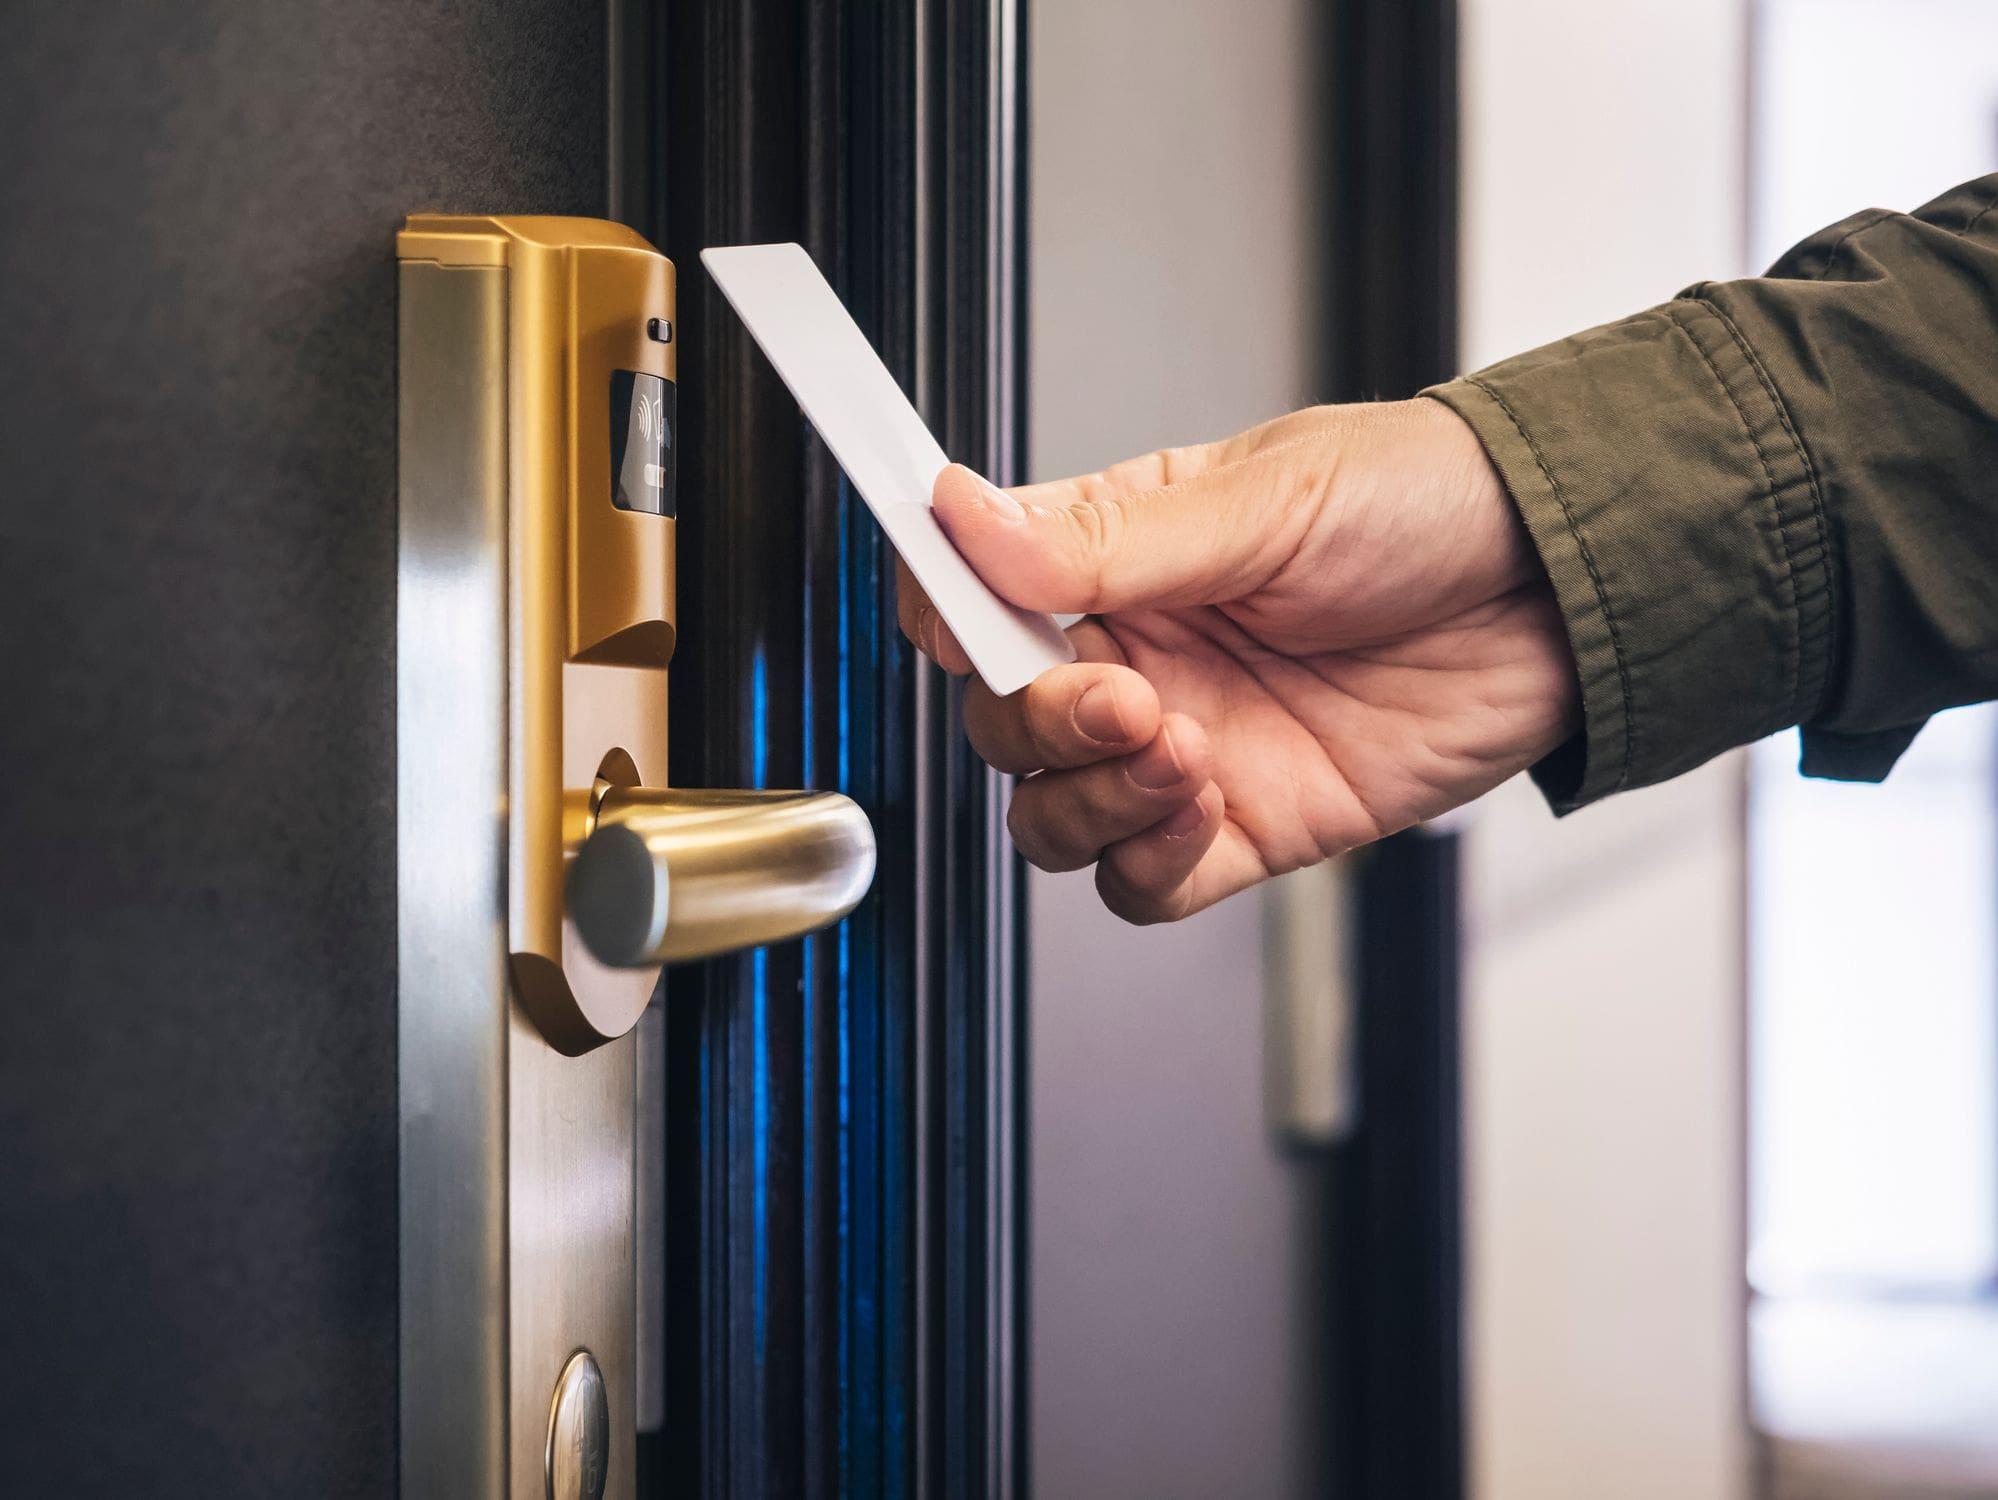 swiping keycard reader on door